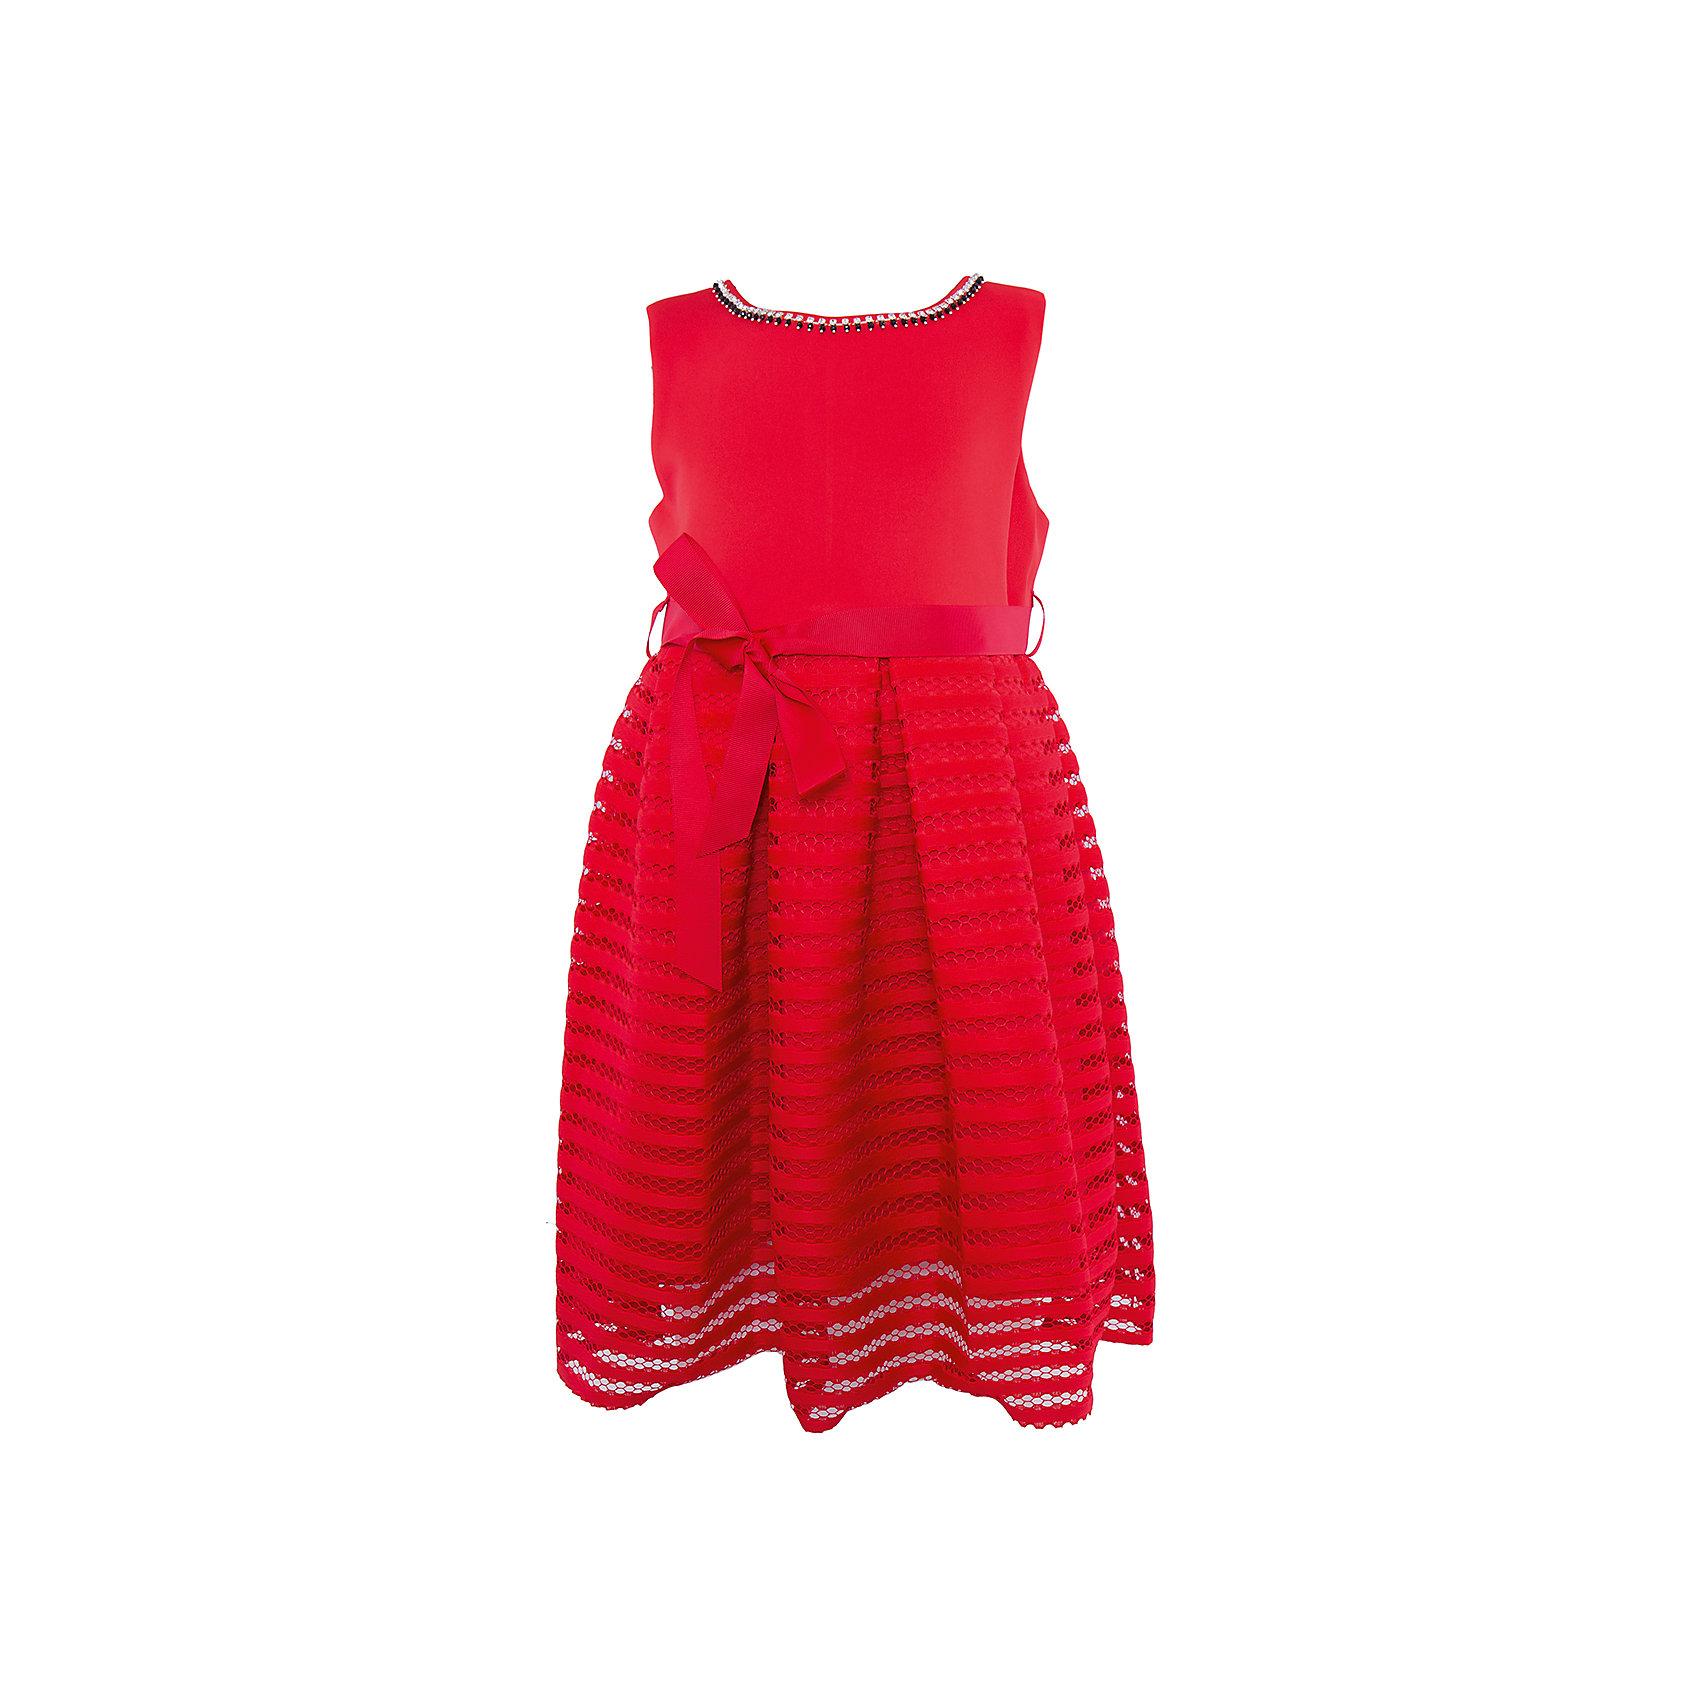 Нарядное платье для девочки Sweet BerryОдежда<br>Характеристики:<br><br>• Вид одежды: платье<br>• Предназначение: для праздника, торжеств<br>• Сезон: круглый год<br>• Материал: верх – 95% полиэстер, 5% эластан; подкладка – 100% хлопок<br>• Цвет: красный<br>• Силуэт: классический А-силуэт<br>• Длина платья: миди<br>• Вырез горловины: круглый, оформлен декоративной тесьмой-ожерельем<br>• Наличие репсового пояса<br>• Застежка: молния на спинке<br>• Особенности ухода: ручная стирка без применения отбеливающих средств, глажение при низкой температуре <br><br>Sweet Berry – это производитель, который сочетает в своей одежде функциональность, качество, стиль и следование современным мировым тенденциям в детской текстильной индустрии. <br>Стильное платье для девочки от знаменитого производителя детской одежды Sweet Berry выполнено из полиэстера с хлопковой подкладкой. Изделие имеет классический силуэт с отрезной талией и юбку с 3-d эффектом. Полочка выполнена из легкого трикотажа, вырез горловины оформлен декоративной тесьмой-ожерельем серебристого цвета. В комплекте имеется неширокий репсовый пояс. Праздничное платье от Sweet Berry – это залог успеха вашего ребенка на любом торжестве!<br><br>Платье для девочки Sweet Berry можно купить в нашем интернет-магазине.<br><br>Ширина мм: 236<br>Глубина мм: 16<br>Высота мм: 184<br>Вес г: 177<br>Цвет: красный<br>Возраст от месяцев: 36<br>Возраст до месяцев: 48<br>Пол: Женский<br>Возраст: Детский<br>Размер: 104,98,110,116,122,128<br>SKU: 5052196